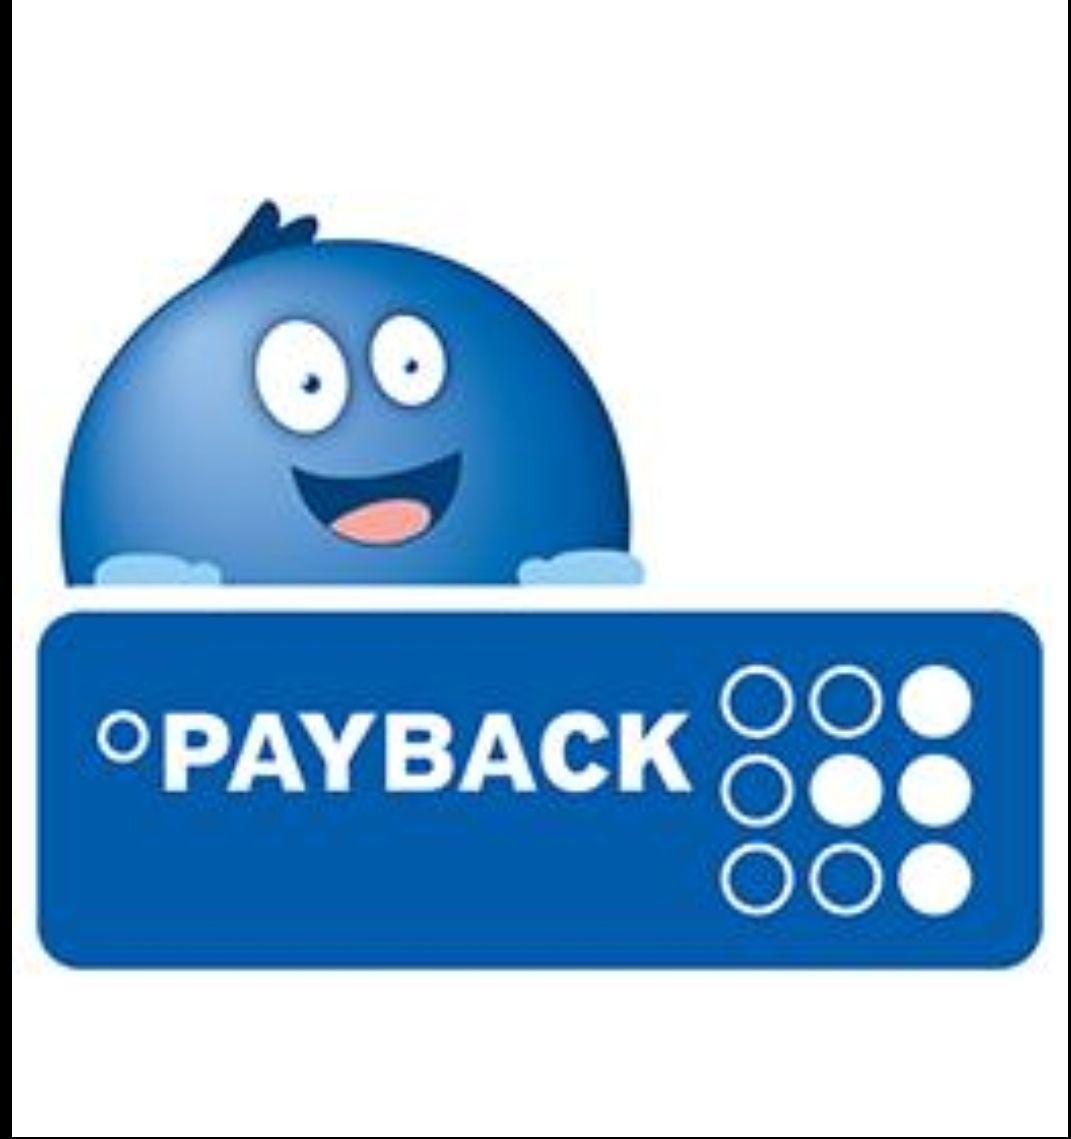 BIG Infoset anfordern & 100 PAYBACK Punkte sammeln.